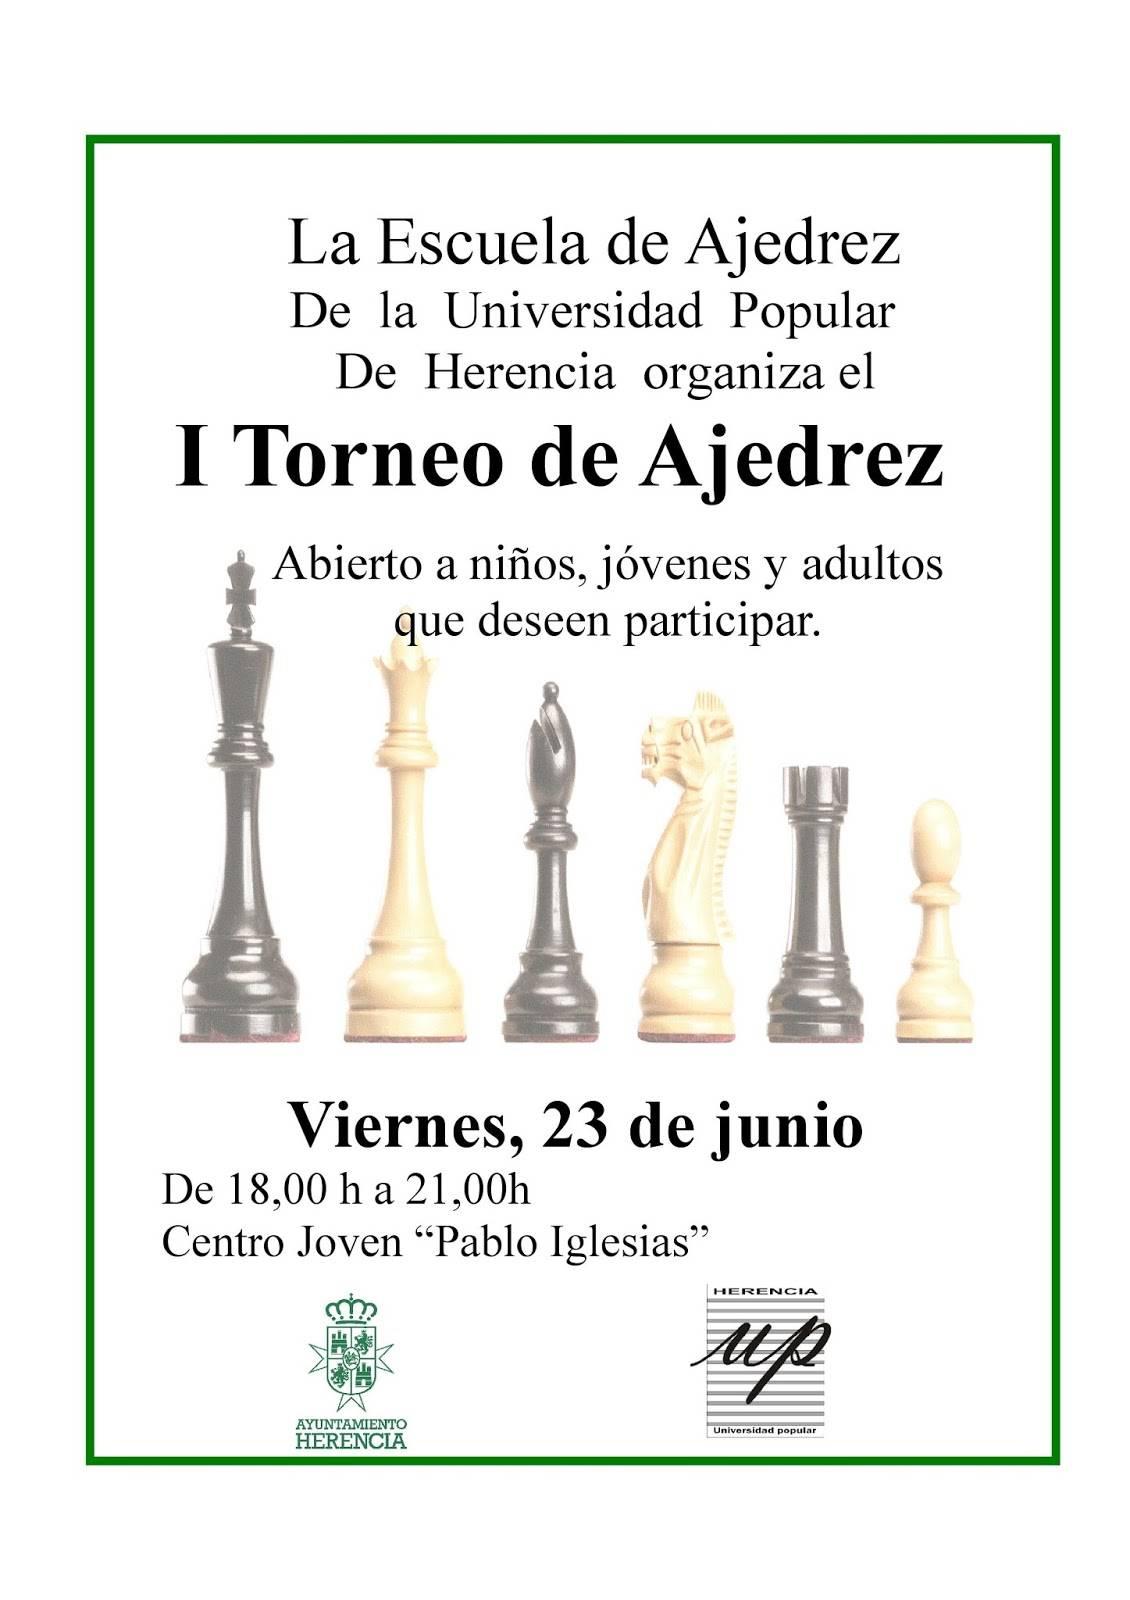 torneo de ajedrez 2017 herencia - I Torneo de la Escuela de Ajedrez de la Universidad Popular en Herencia